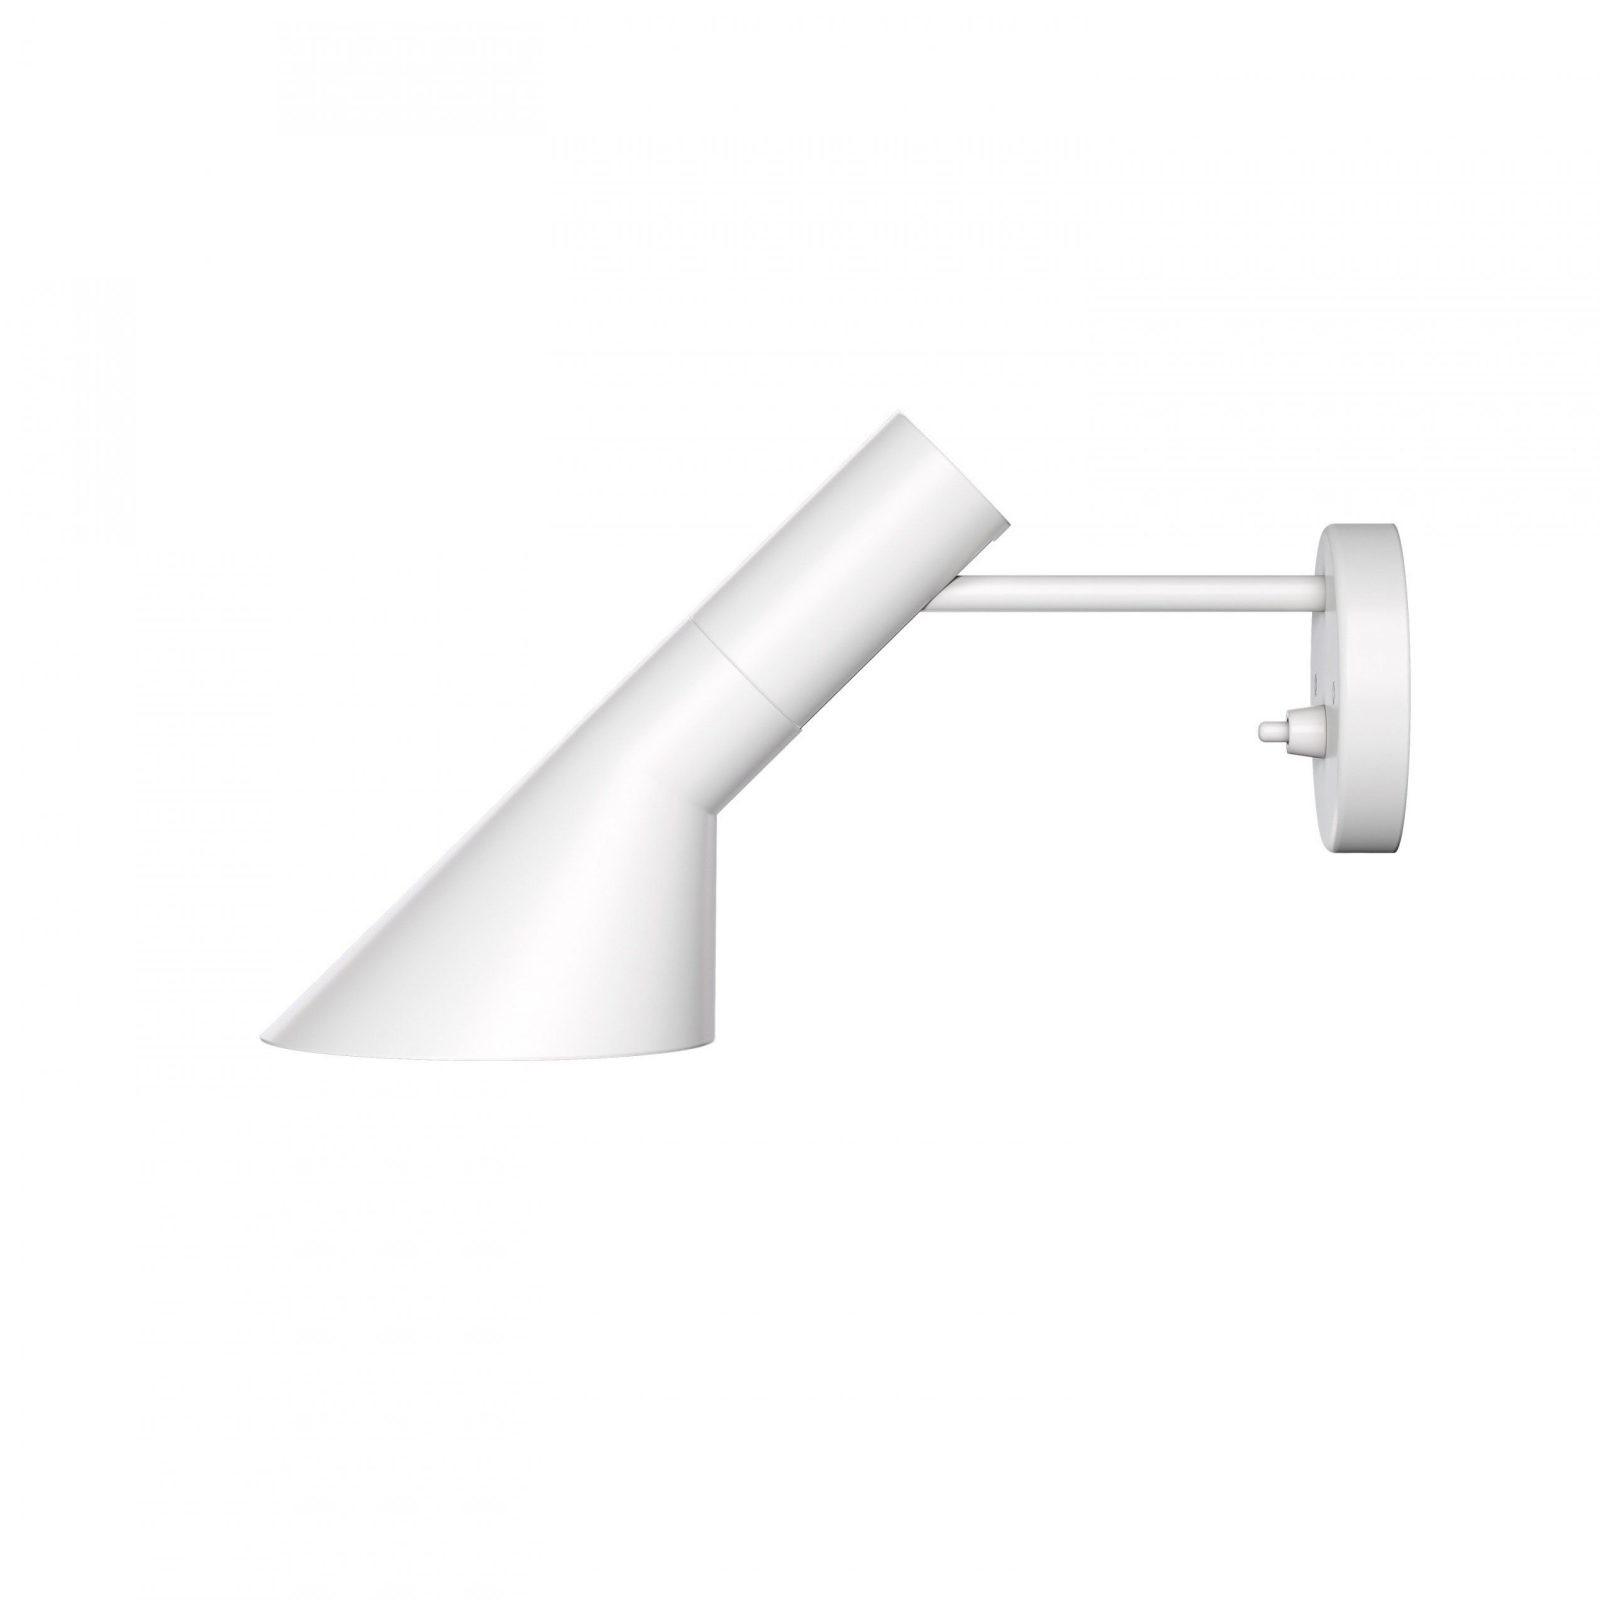 Designklassiker Wandleuchte Mit Schalter Für Eine Tolle Lichtstimmung von Wandlampen Mit Schalter Und Kabel Bild